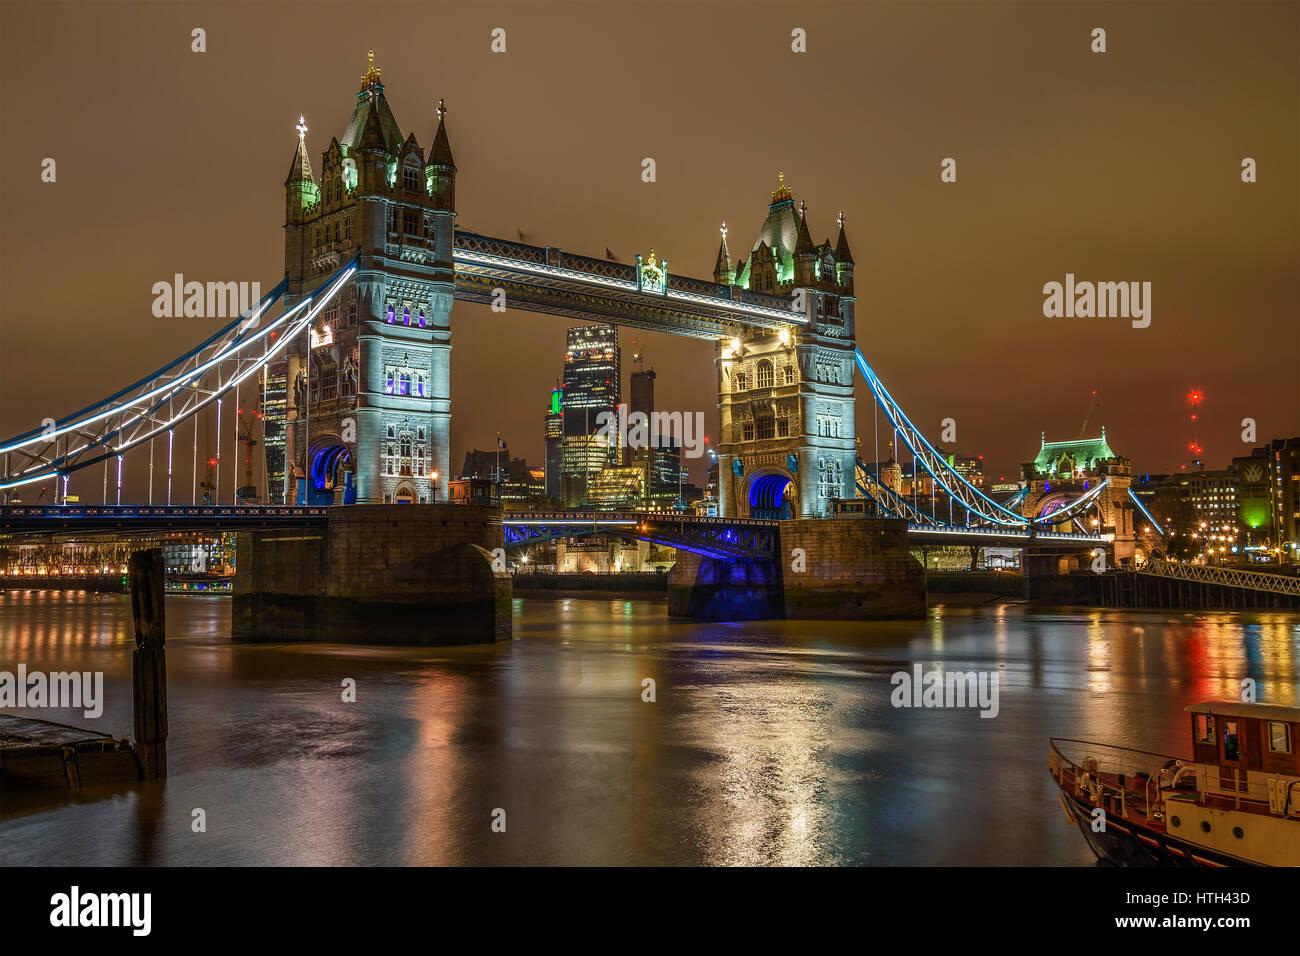 Luftaufnahme der Tower Bridge, London, England, Vereinigtes Königreich Stockbild